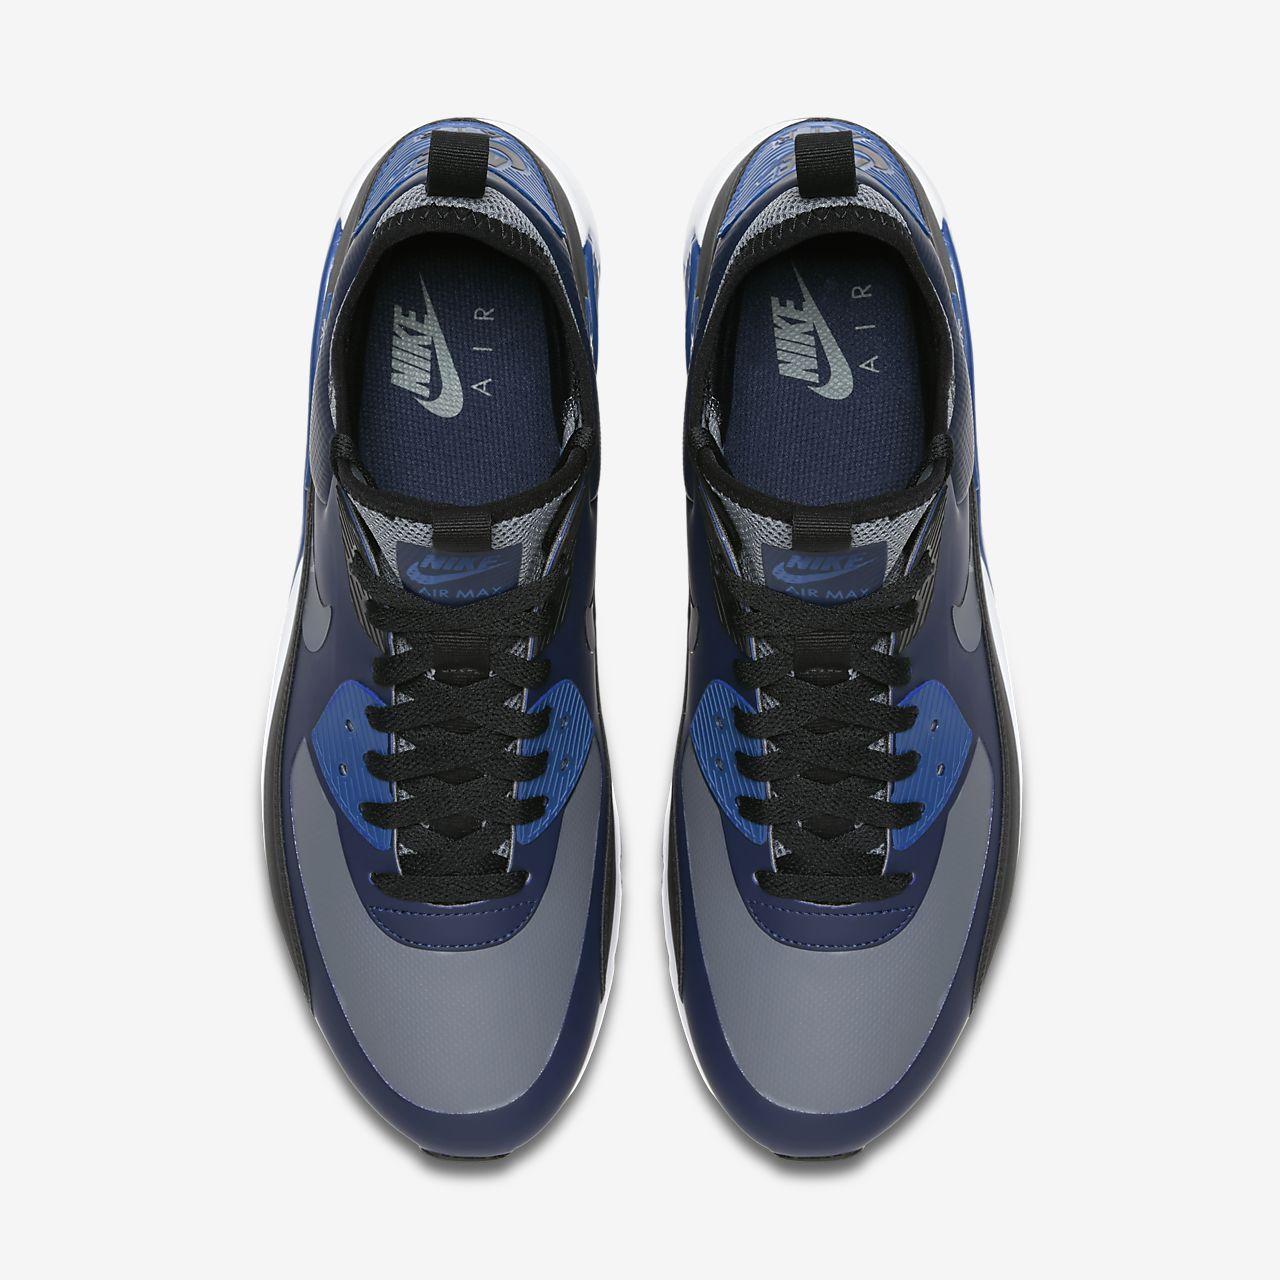 ... Sko Nike Air Max 90 Ultra Mid Winter för män